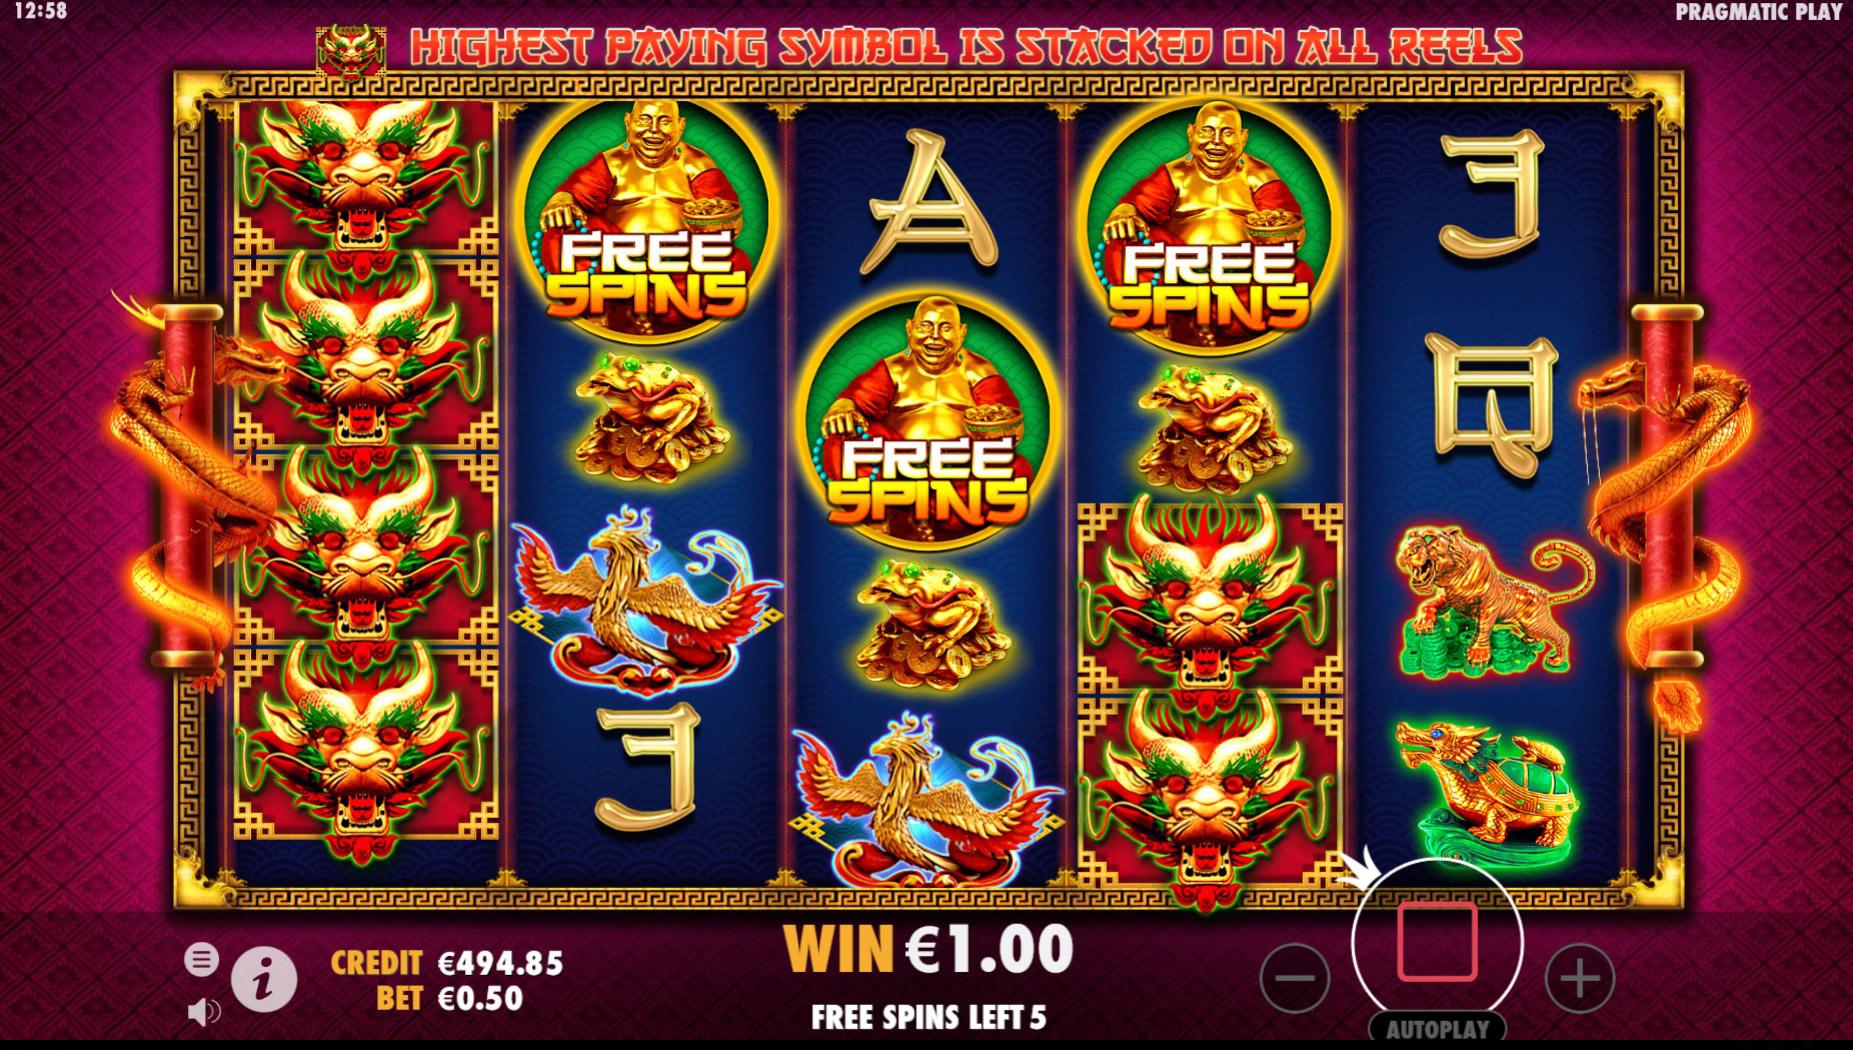 Casino21 » Informazioni sulle Slot Machine Pragmatic disponibili online